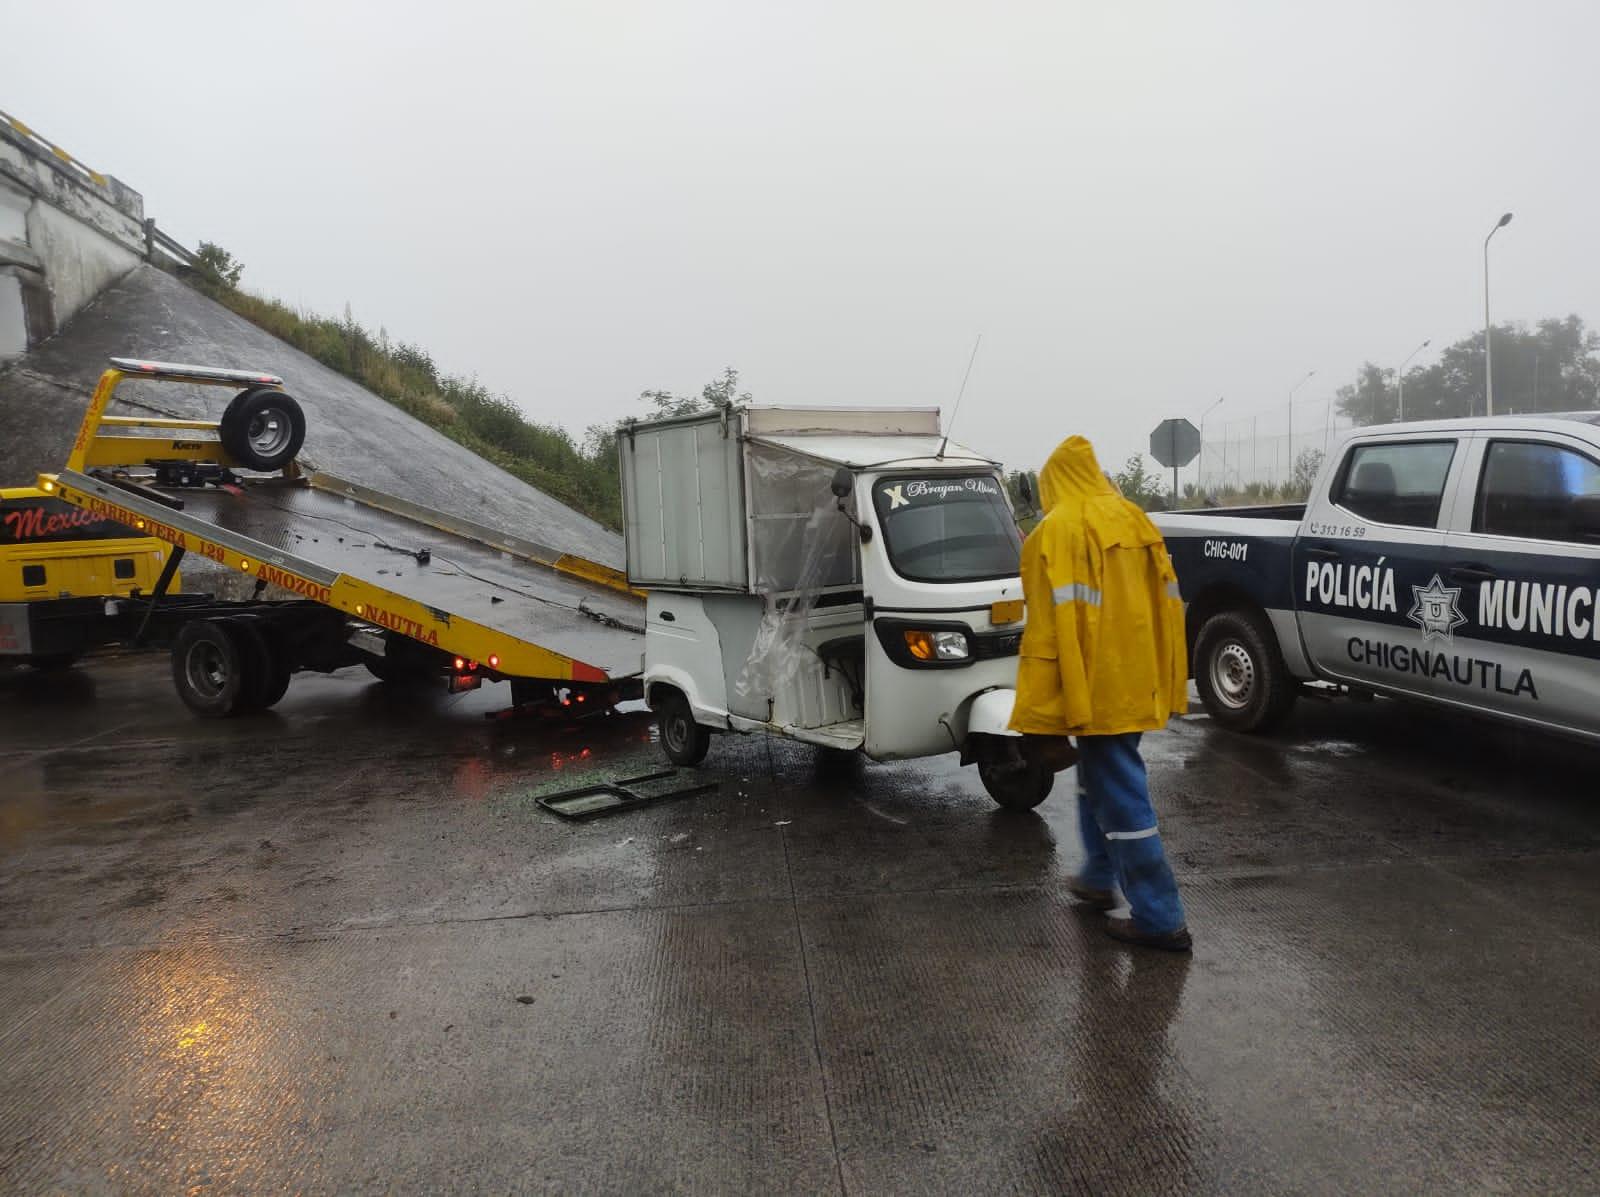 Imprudente conductor provocó accidente en la entrada de Hospital de Teziutlan